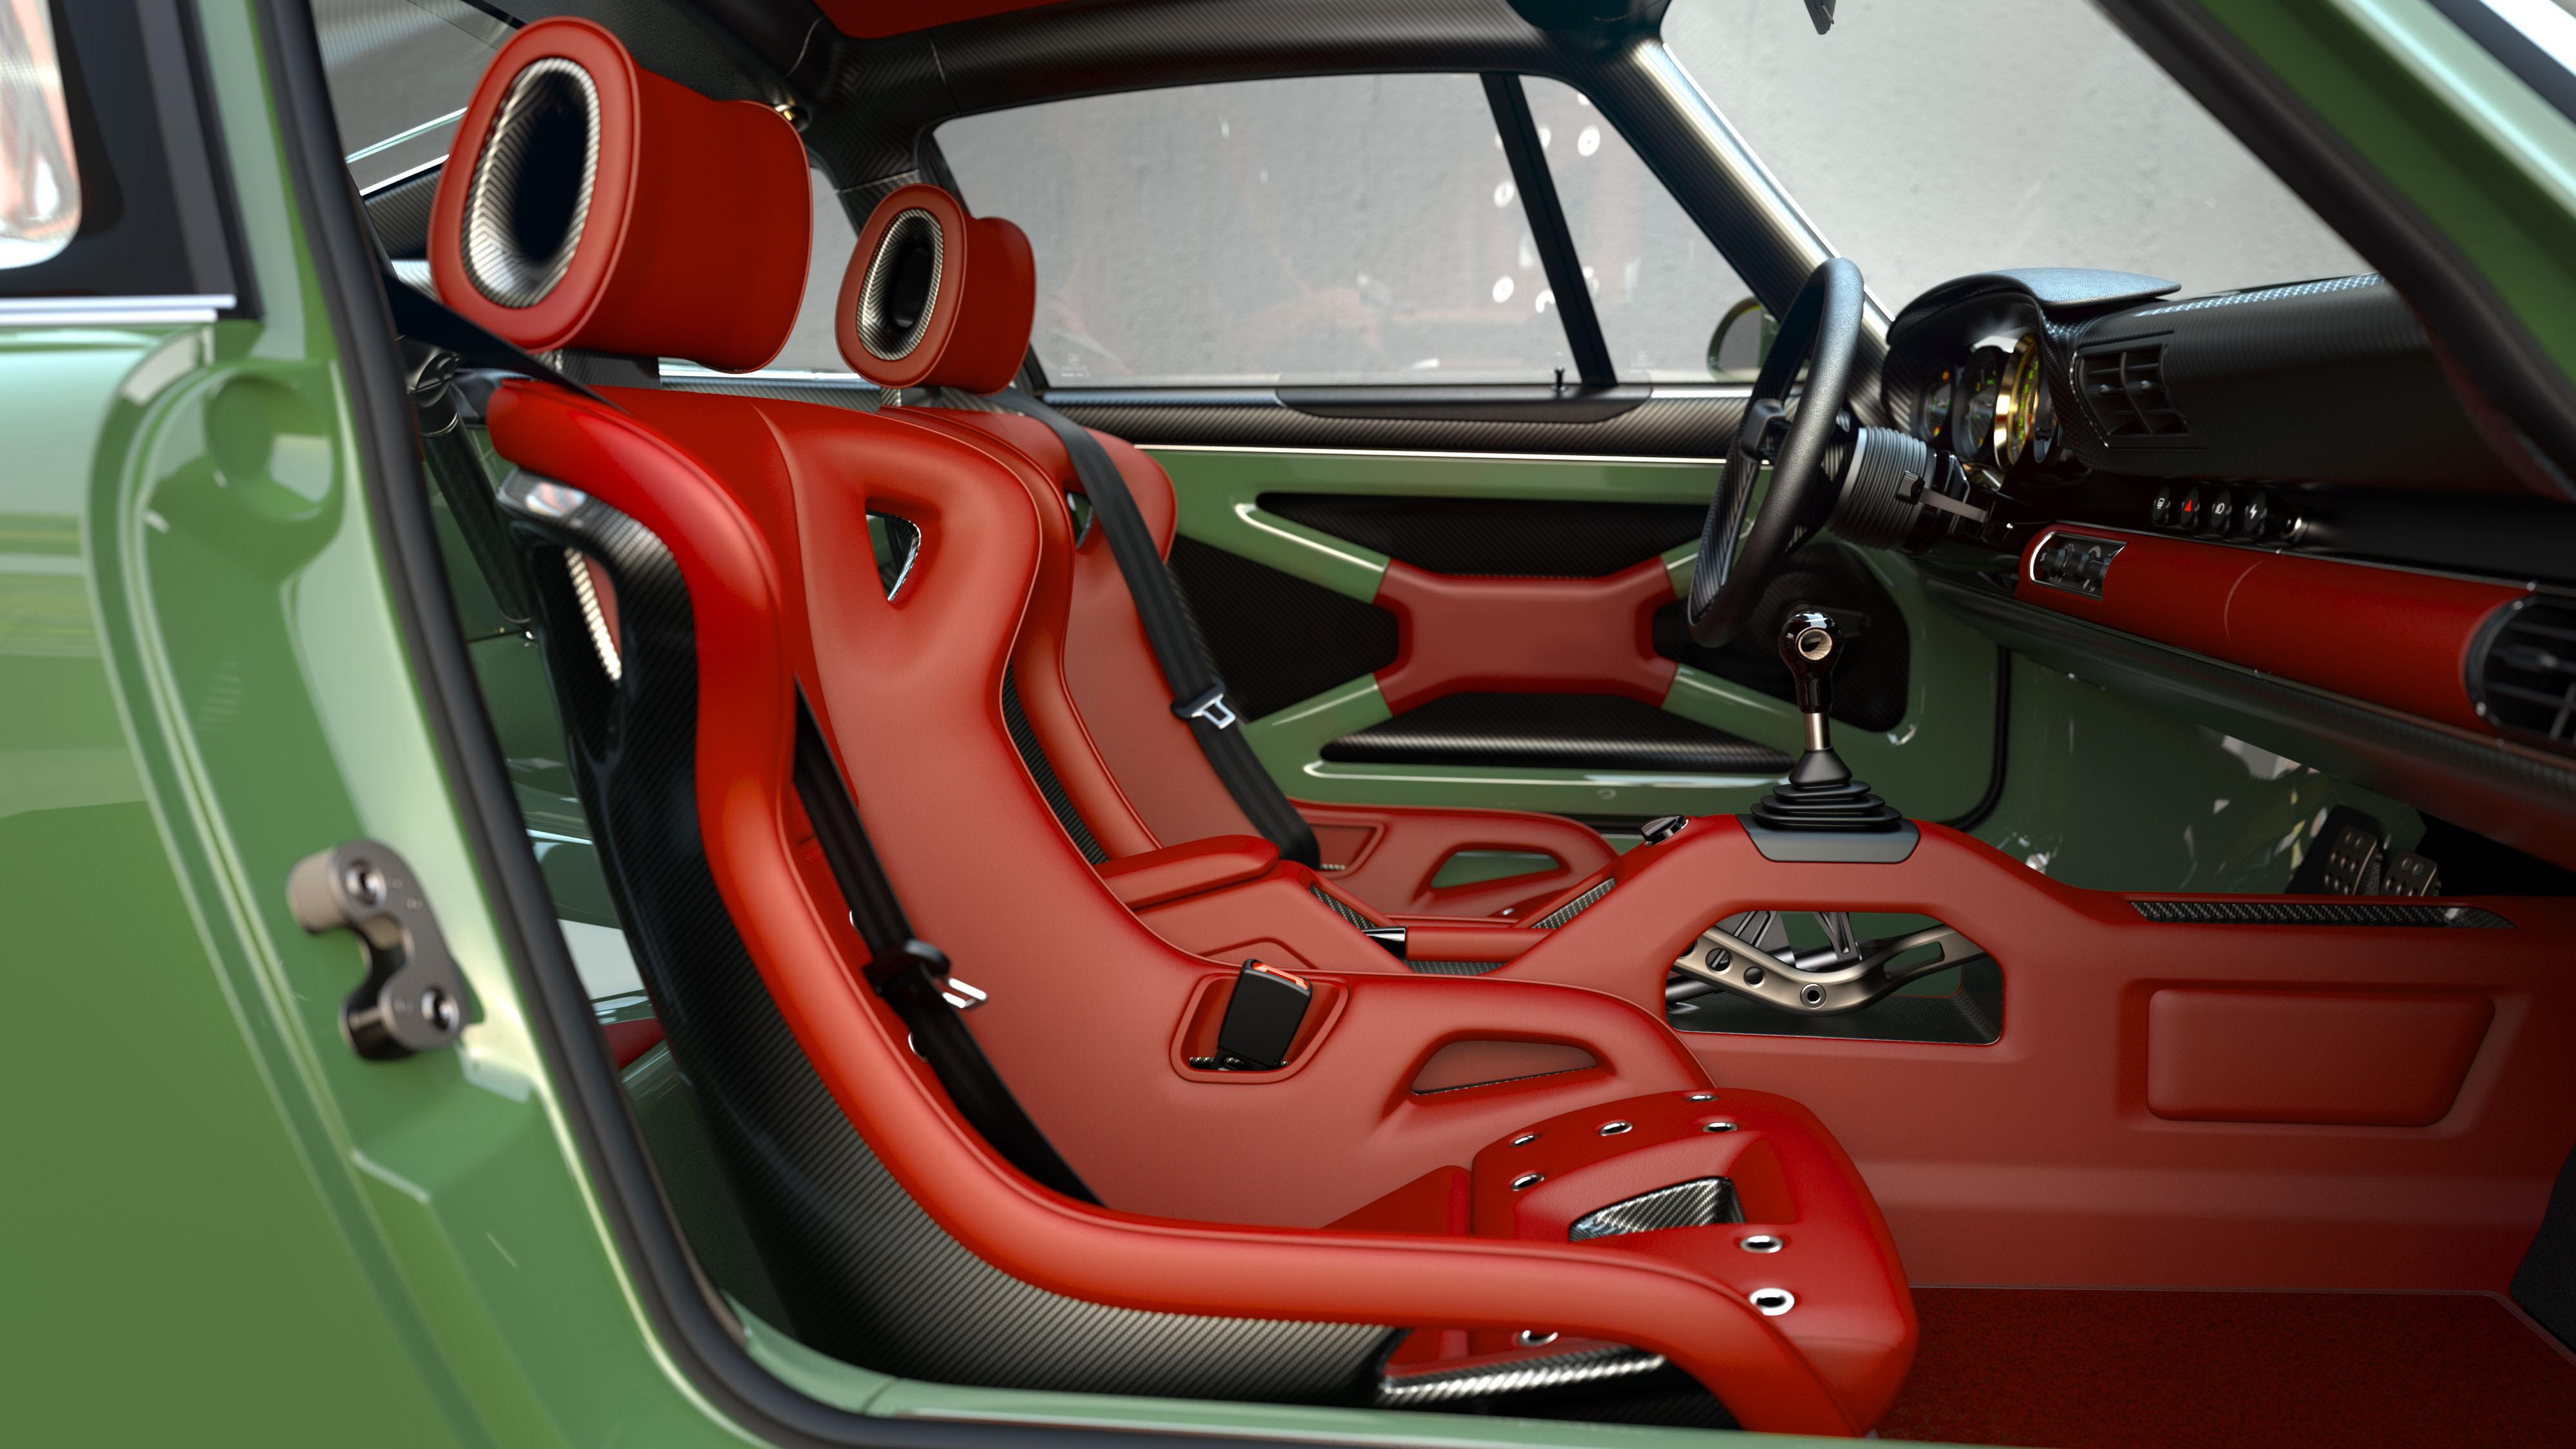 Porsche 911 restored by Singer & Williams cabin